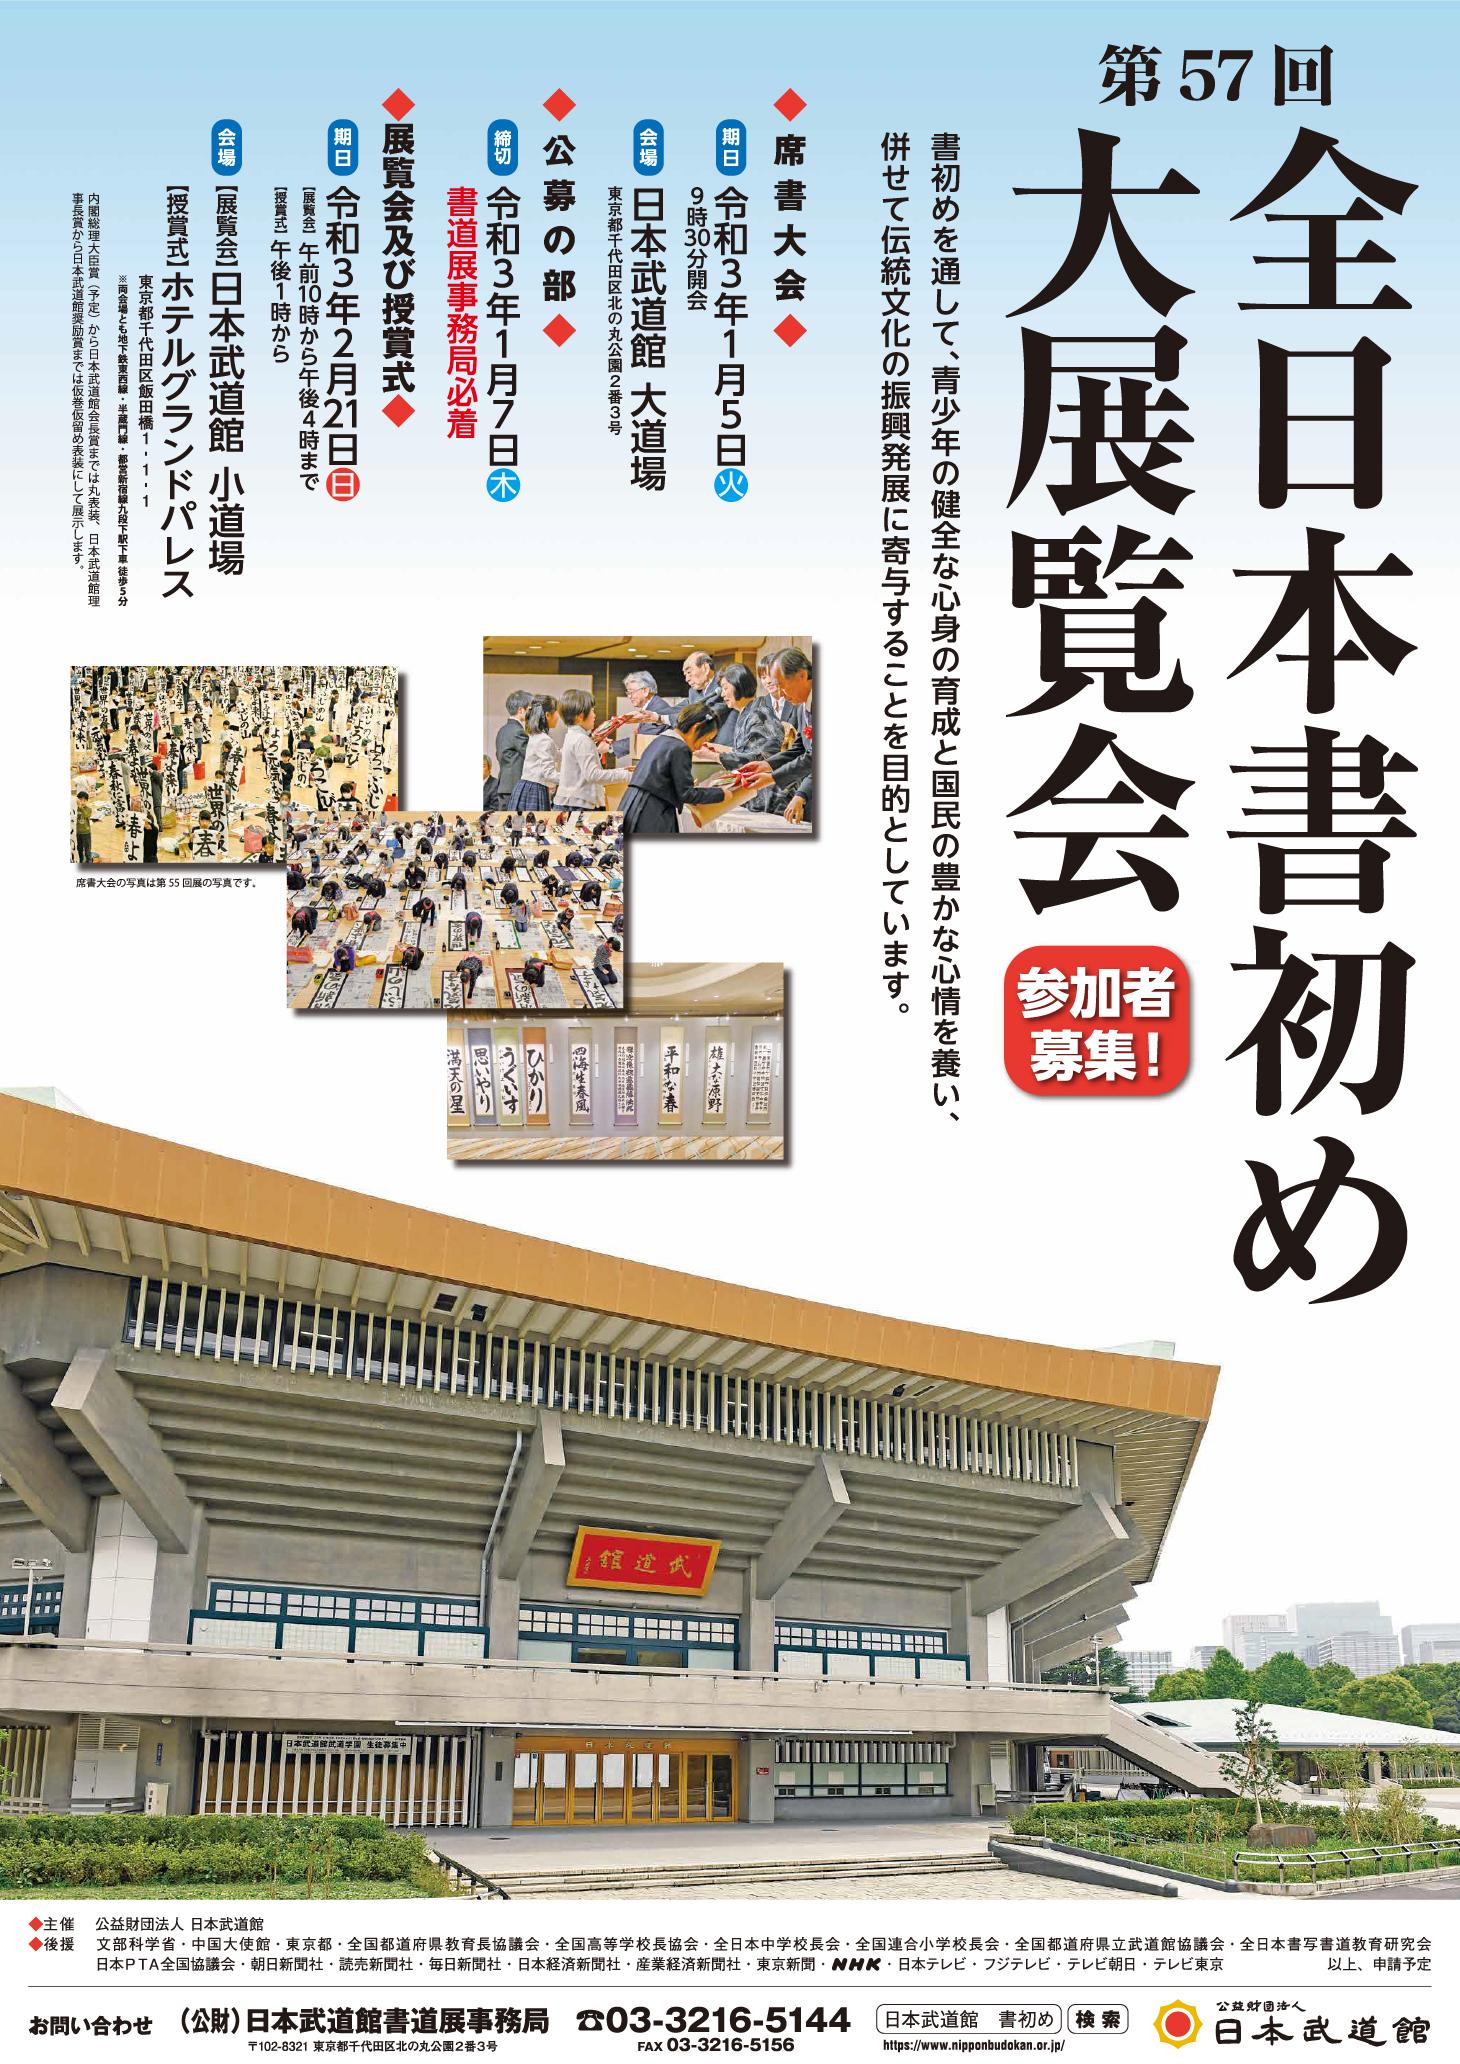 全日本書初め大展覧会は予選通過した人だけ参加できます